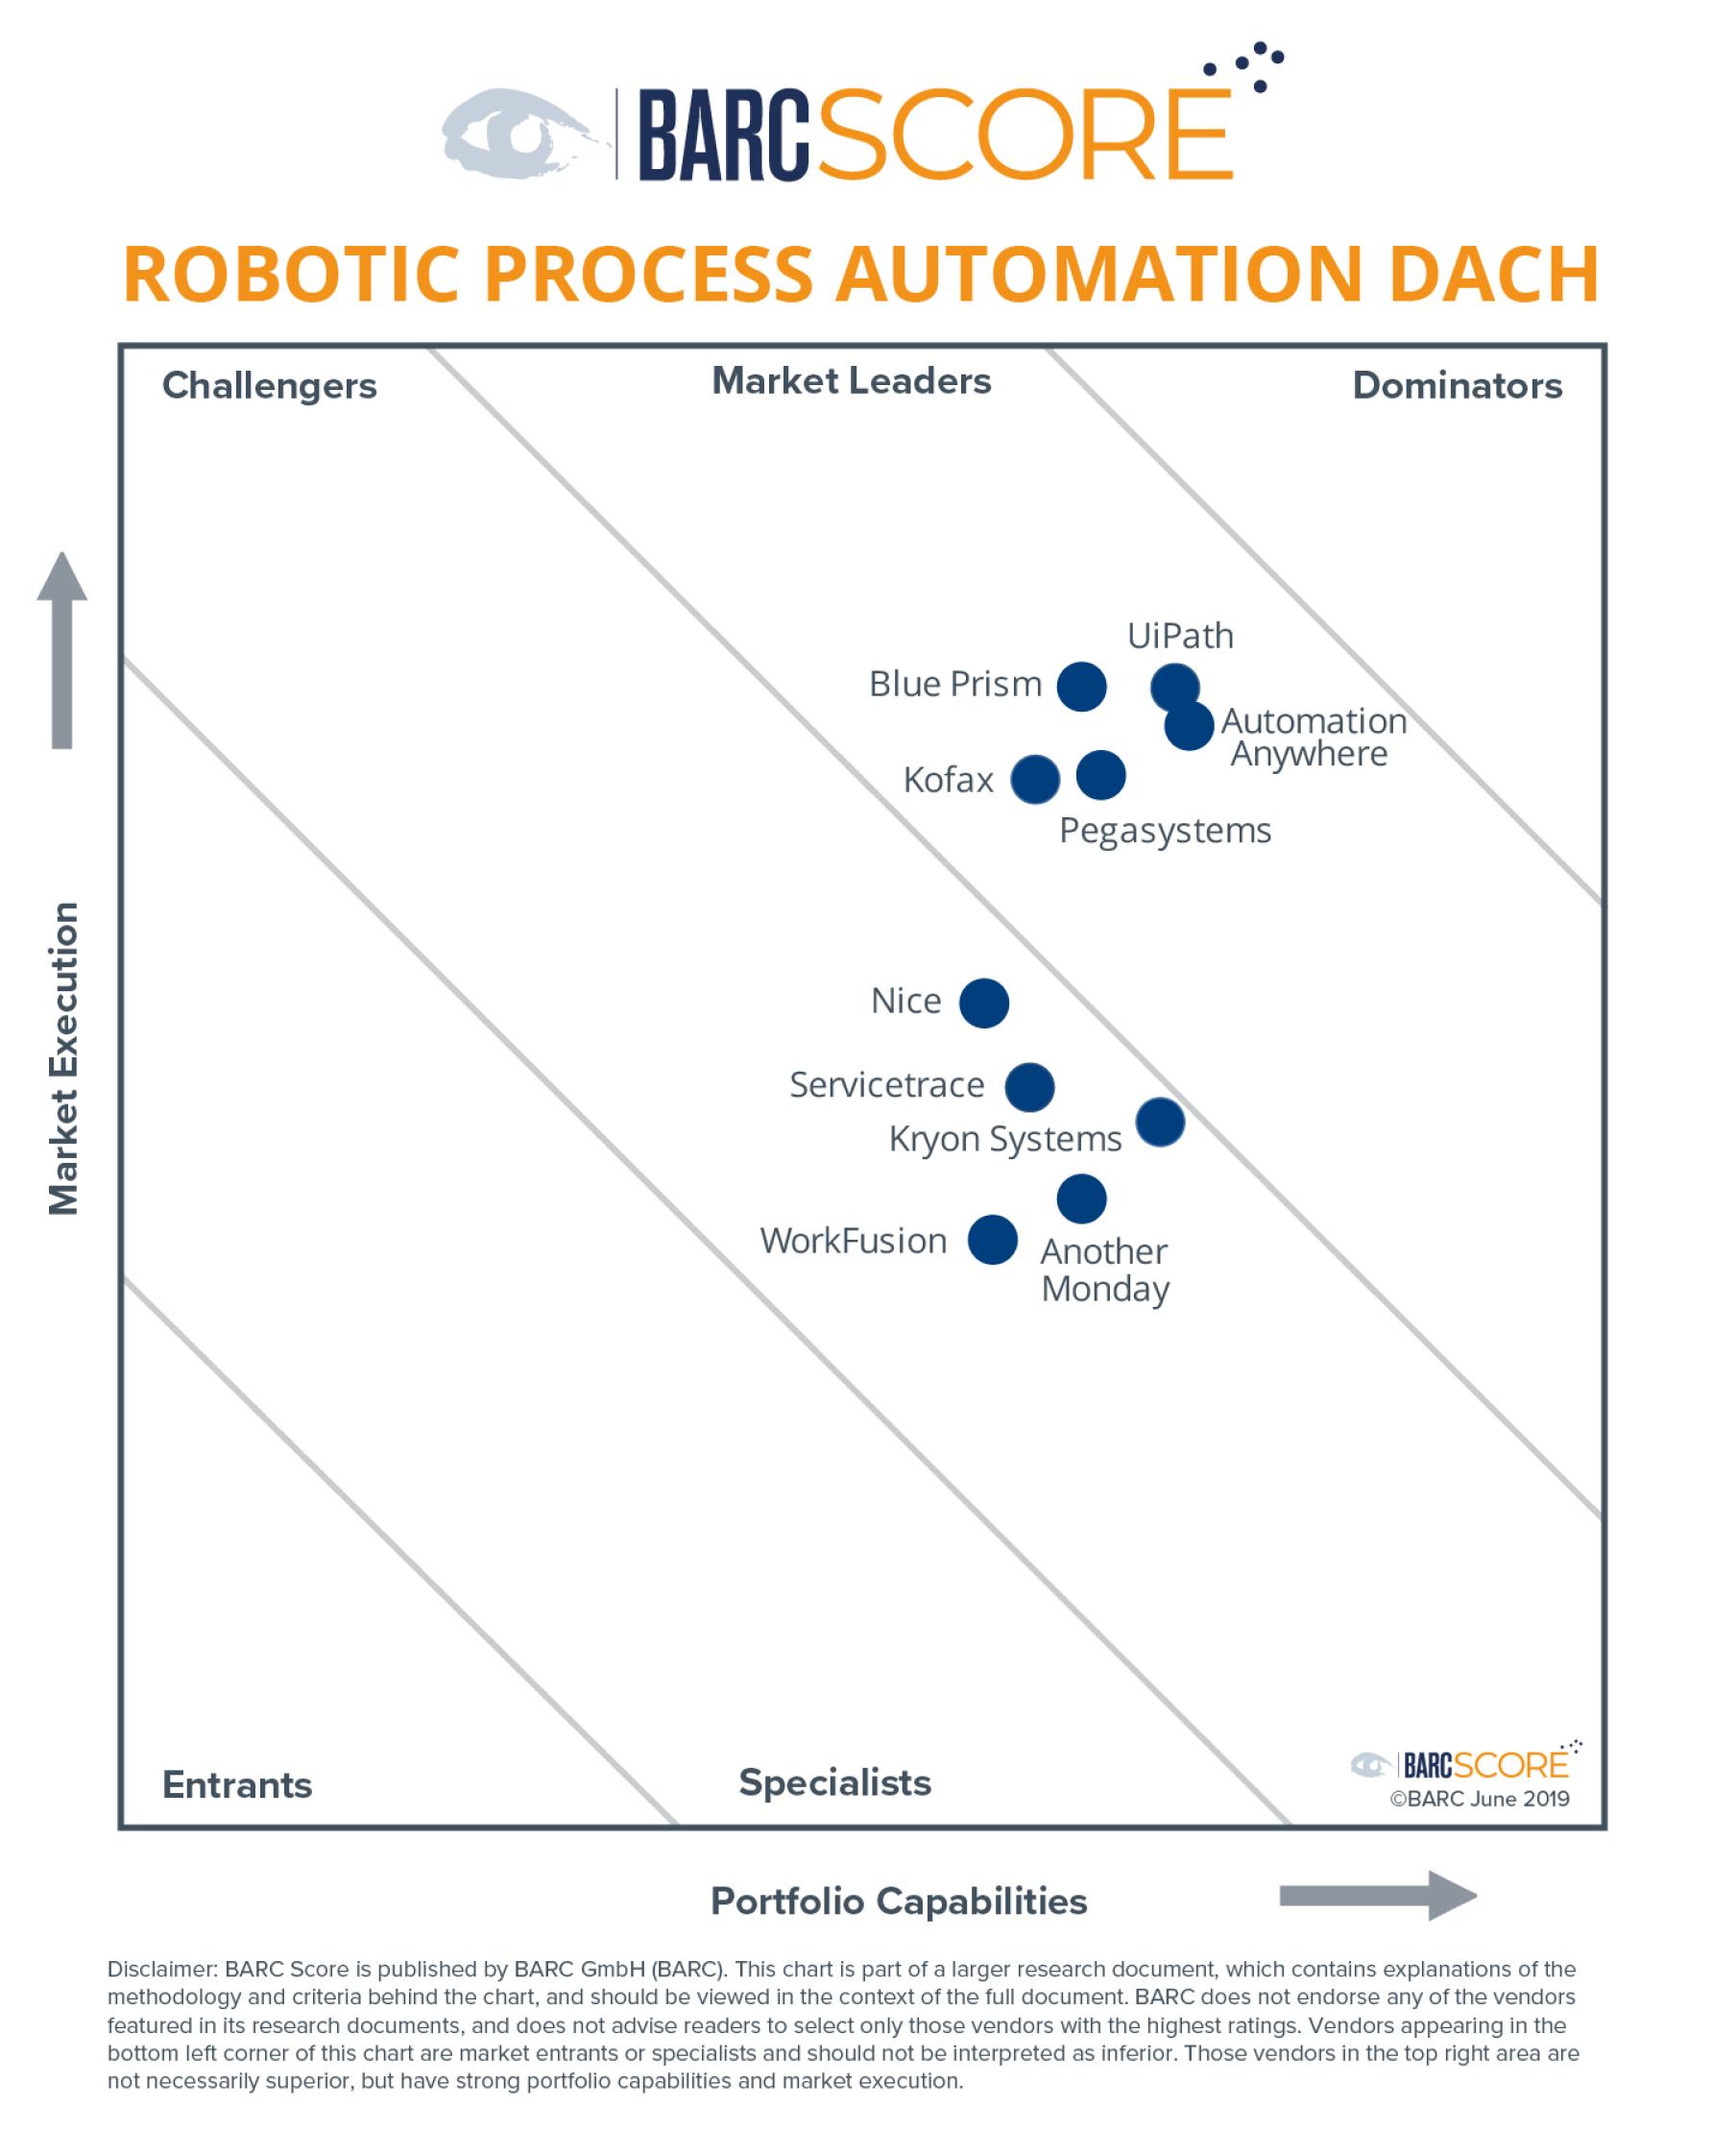 Kofax im BARC Score Robotic Process Automation DACH 2019 als Marktführer genannt